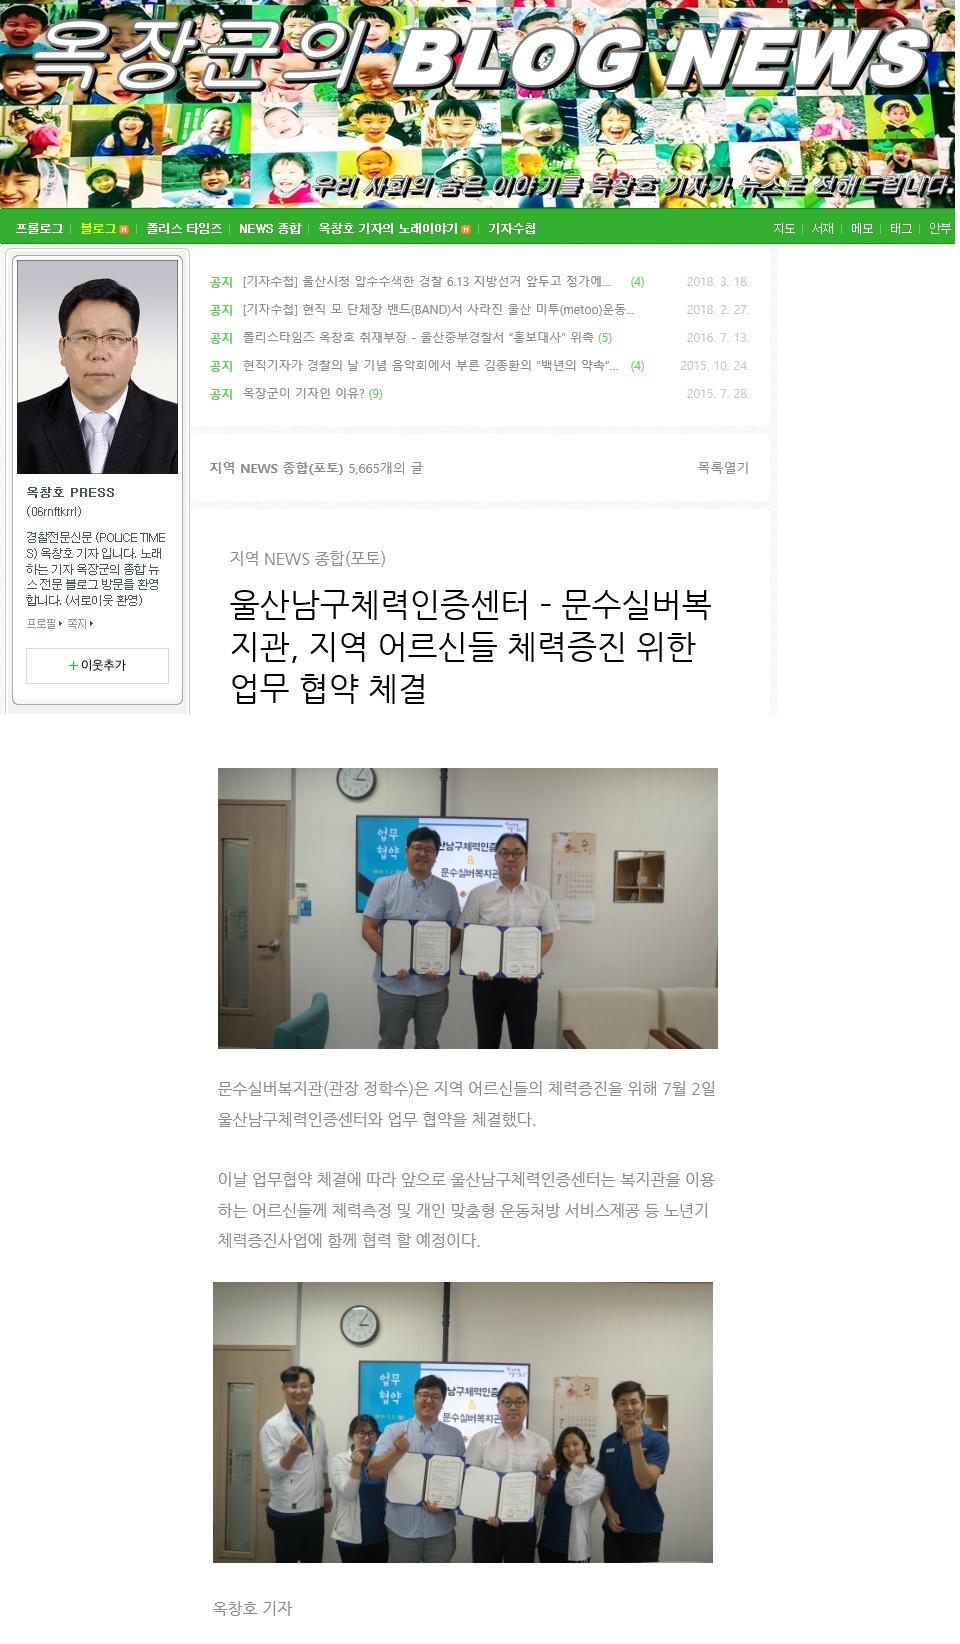 (옥장군의블로그뉴스)울산남구체력인증센터와 업무 협약.jpg